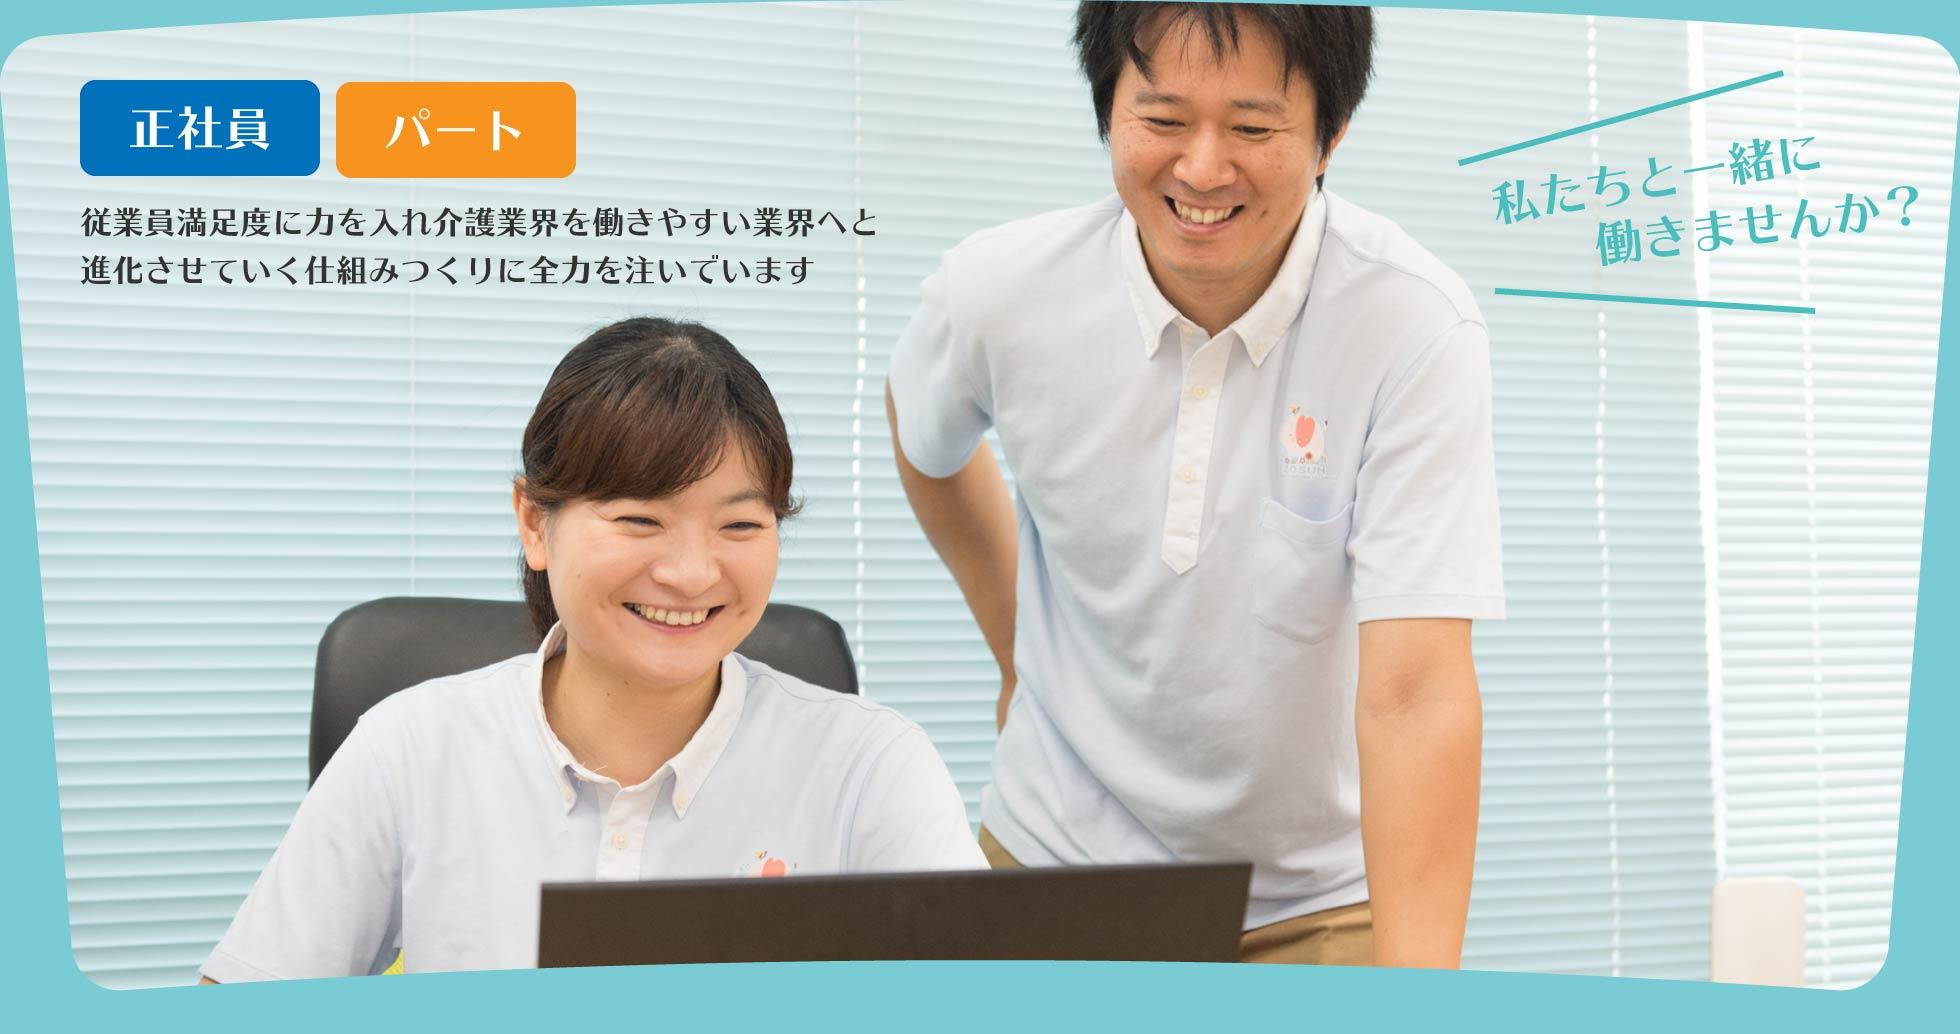 ぞうさんの介護グループ(W hospitality株式会社)では、正社員・パート・アルバイトなどスタッフを募集しています